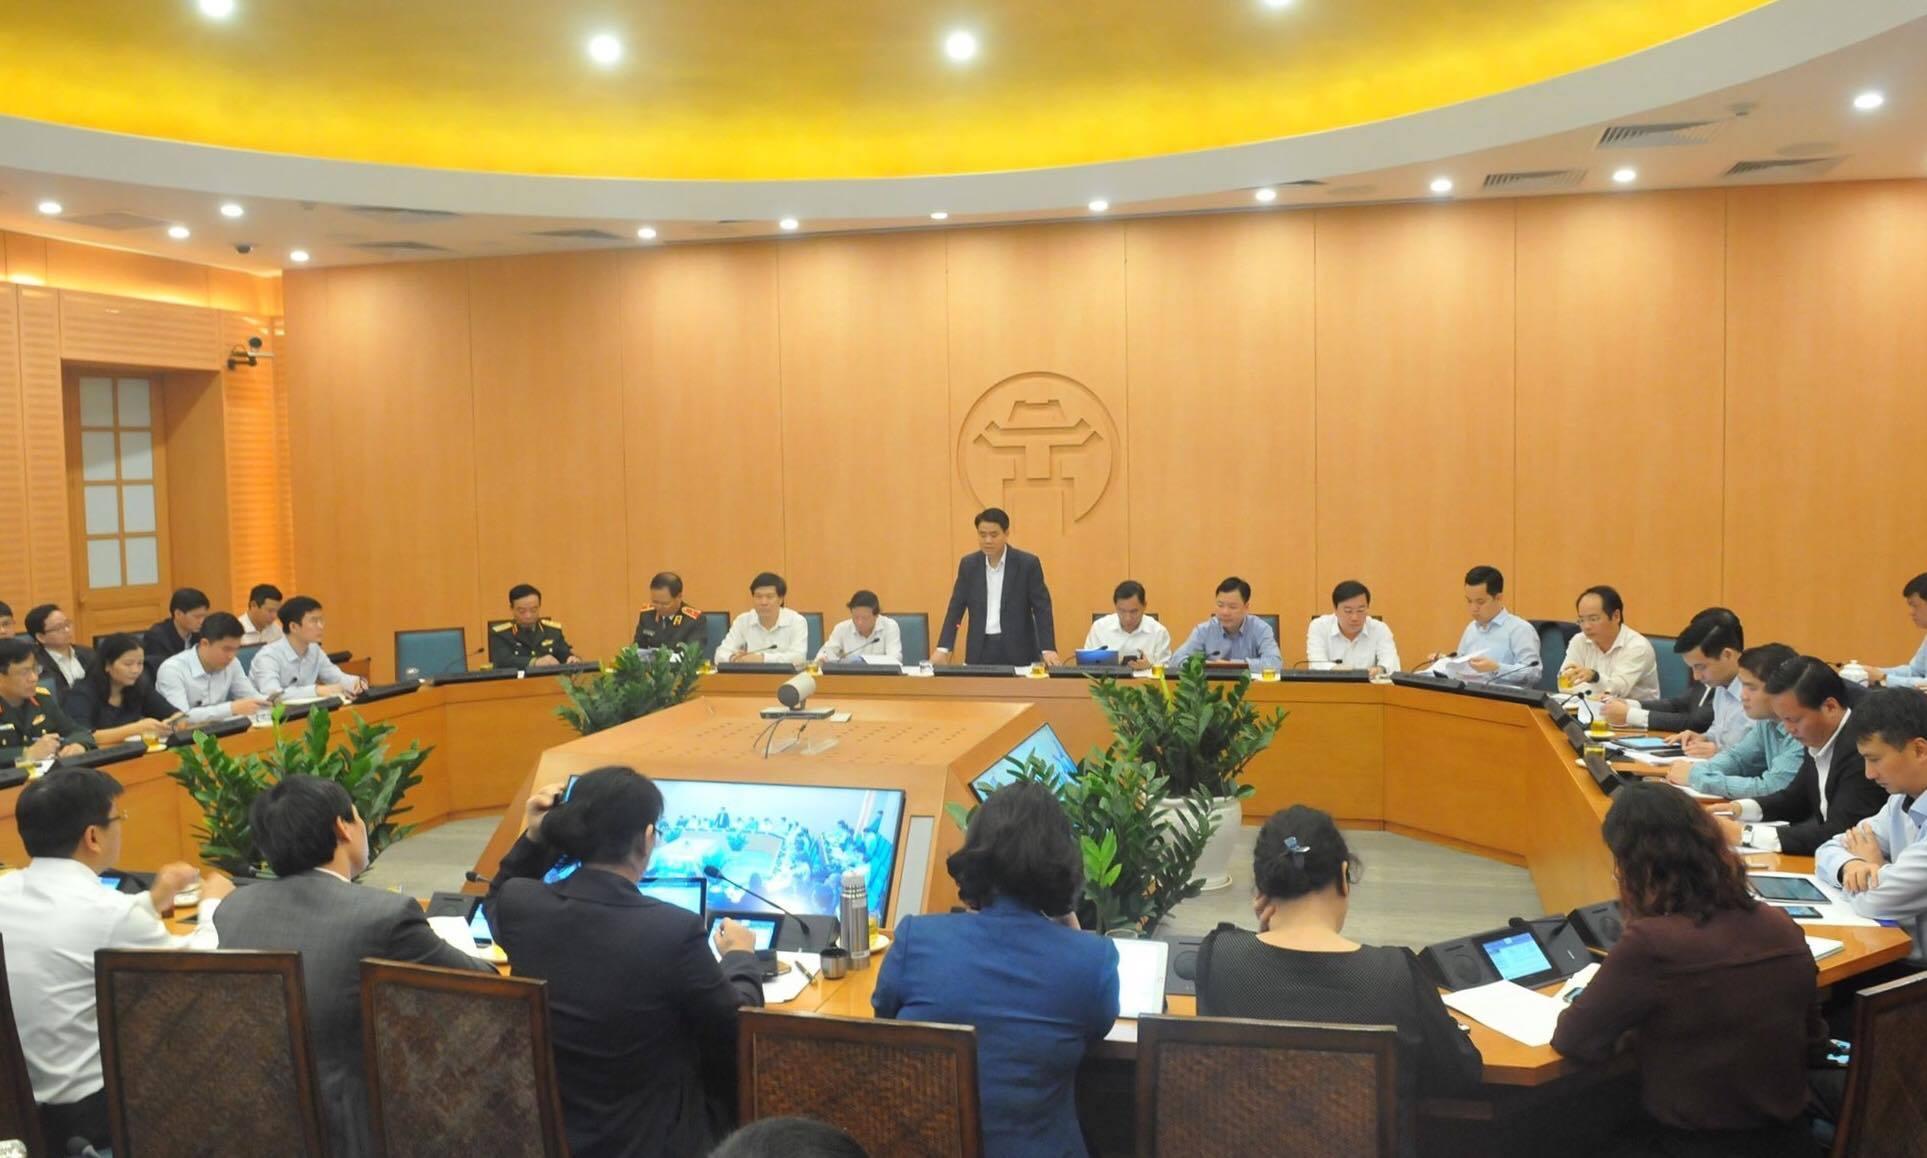 NÓNG: Học sinh Mầm non đến THCS ở Hà Nội nghỉ hết tháng 3, TP.HCM các cấp nghỉ đến 5/4-1